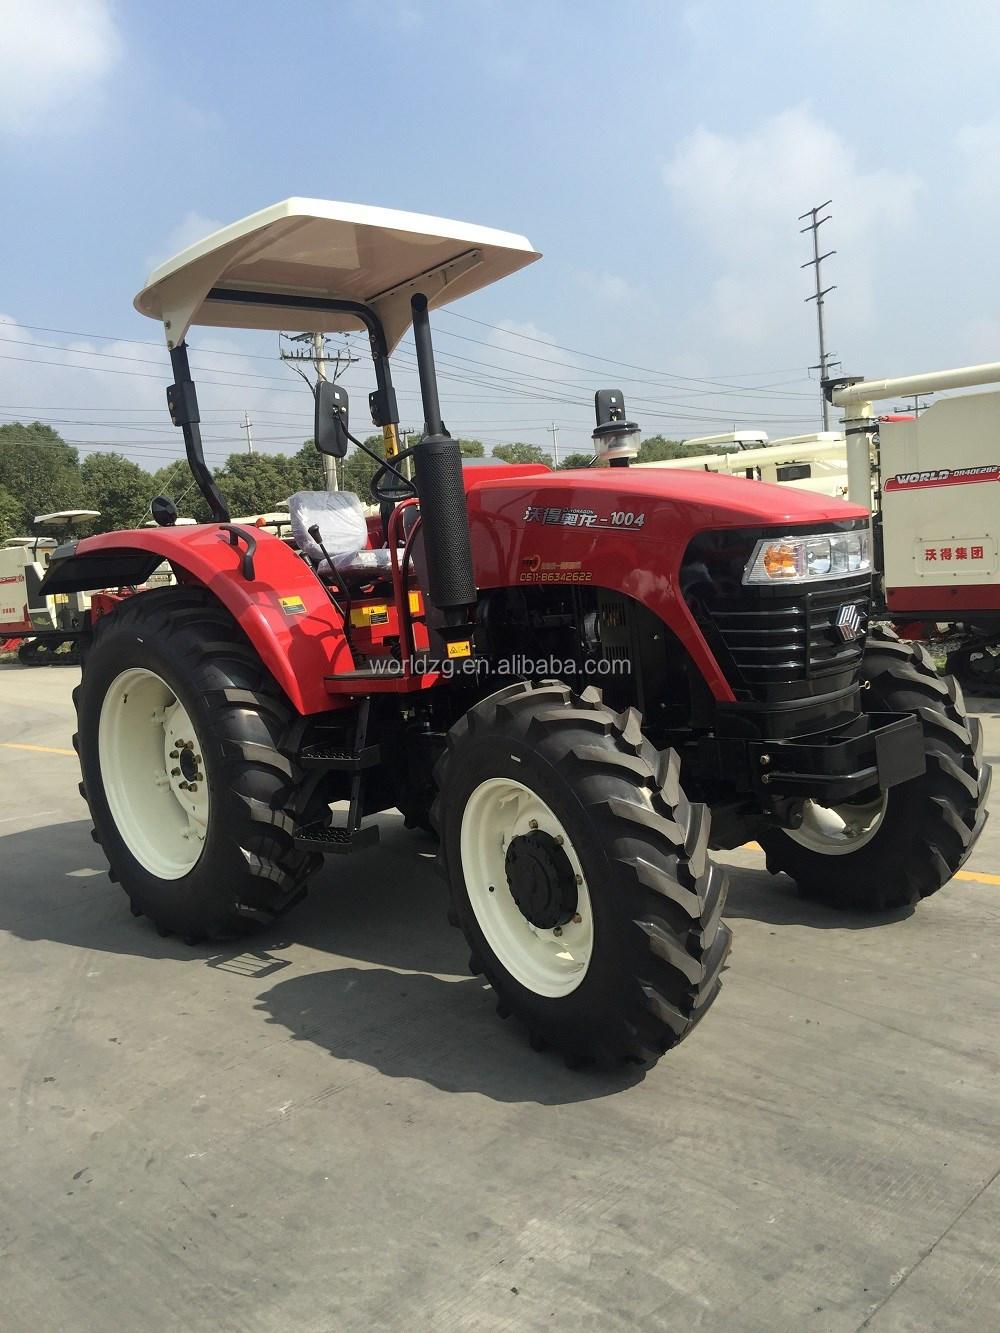 chinois marque 110hp 4wd tracteur agricole tracteur id de produit 60559205633. Black Bedroom Furniture Sets. Home Design Ideas